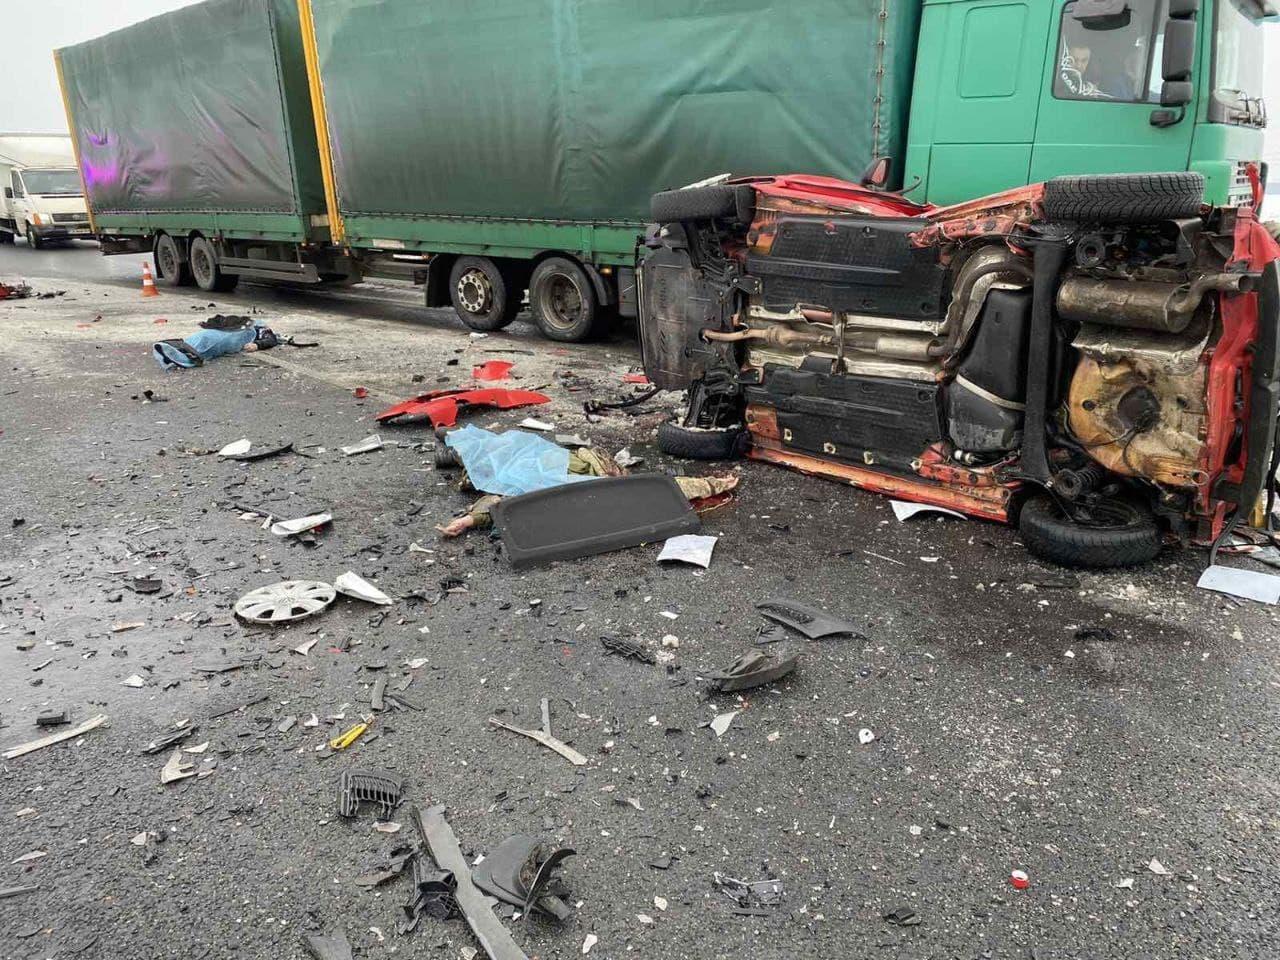 На трассе Киев-Чернигов произошло массовое ДТП: есть погибшие (ФОТО, ВИДЕО) - фото 2